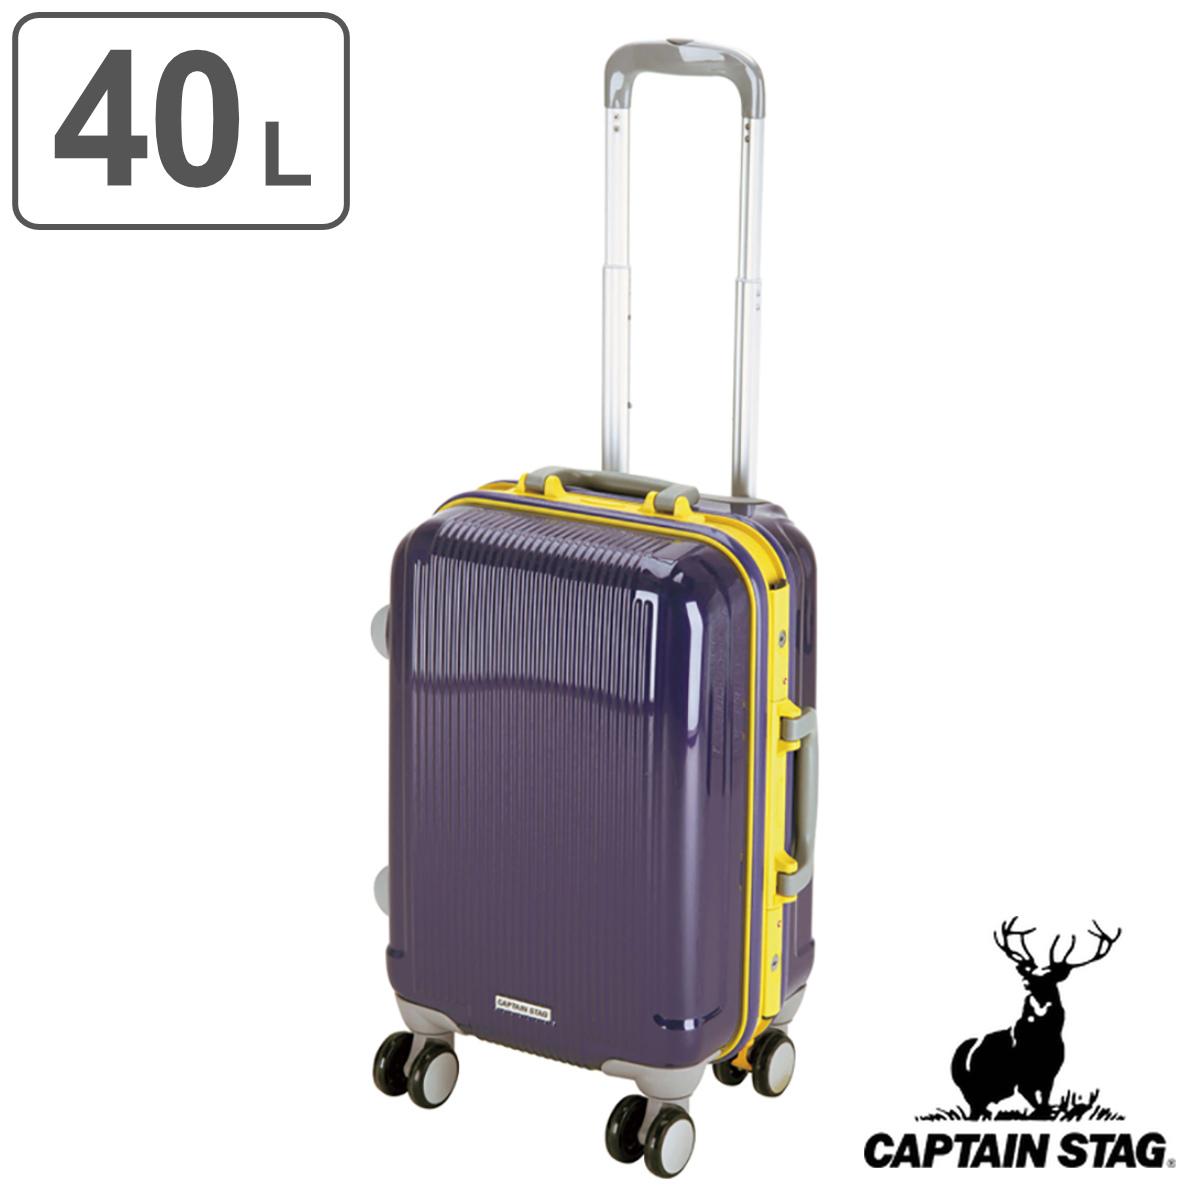 スーツケース キャリーバッグ グレル トラベルスーツケース ハードフレーム 40L TSAロック付き S 超軽量 ( 送料無料 キャリーケース トランク 旅行用かばん キャリー )